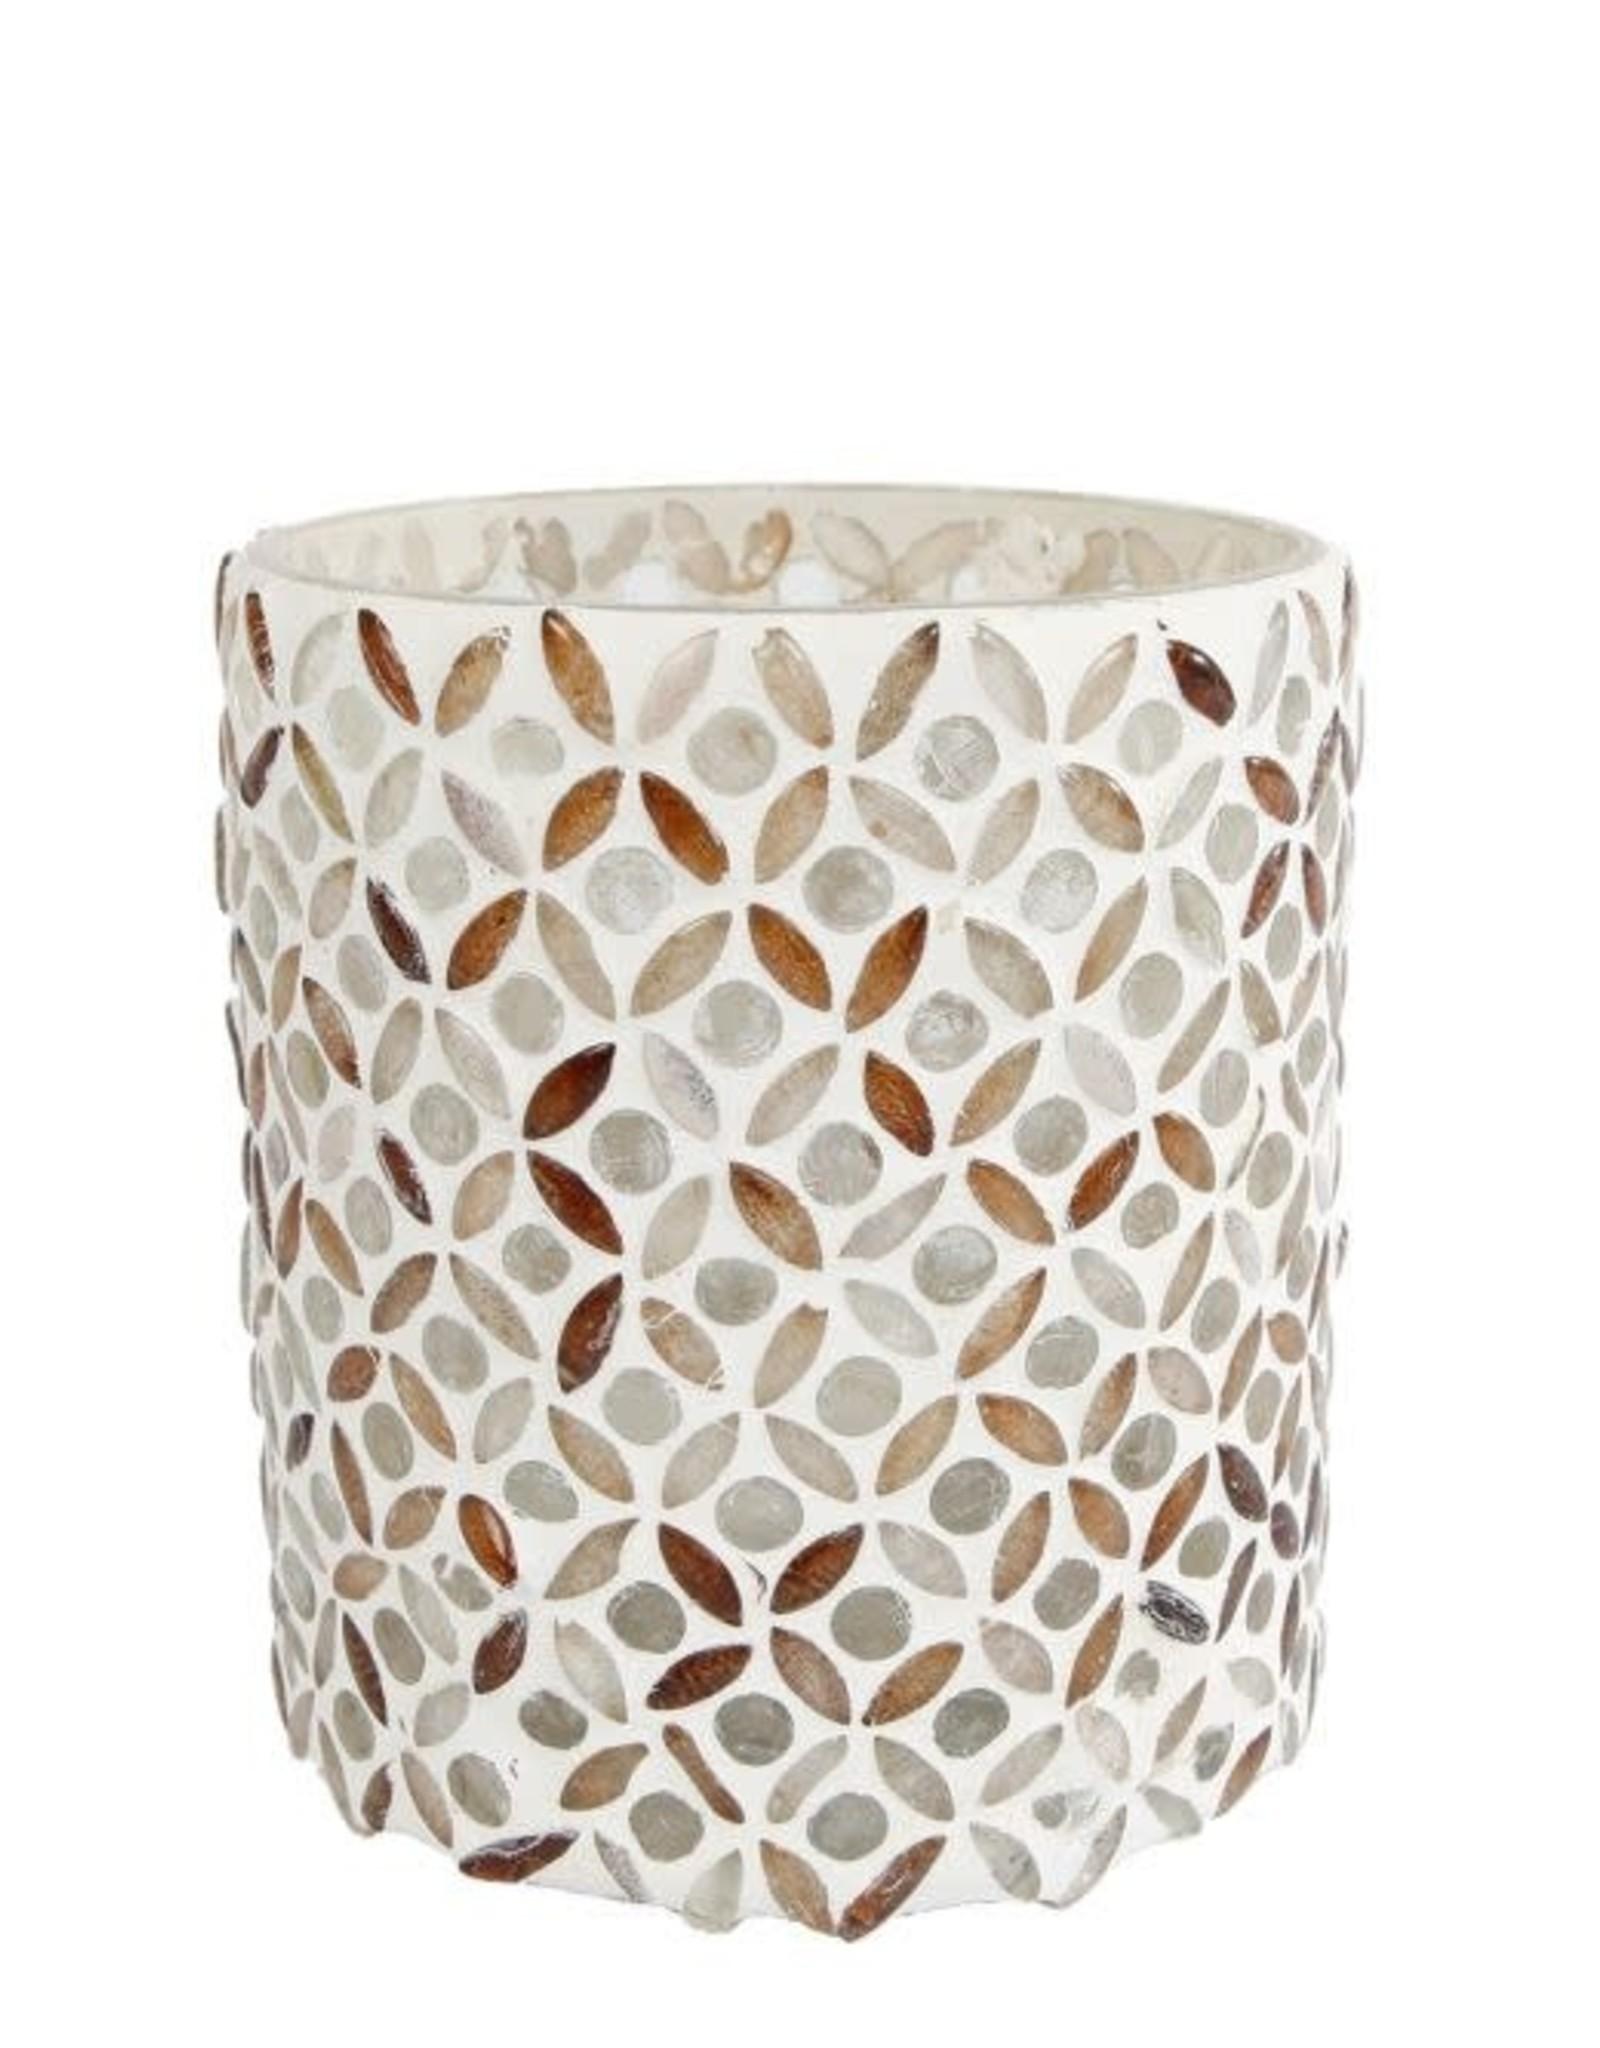 Theelicht Mosaic L glas 14x10x10